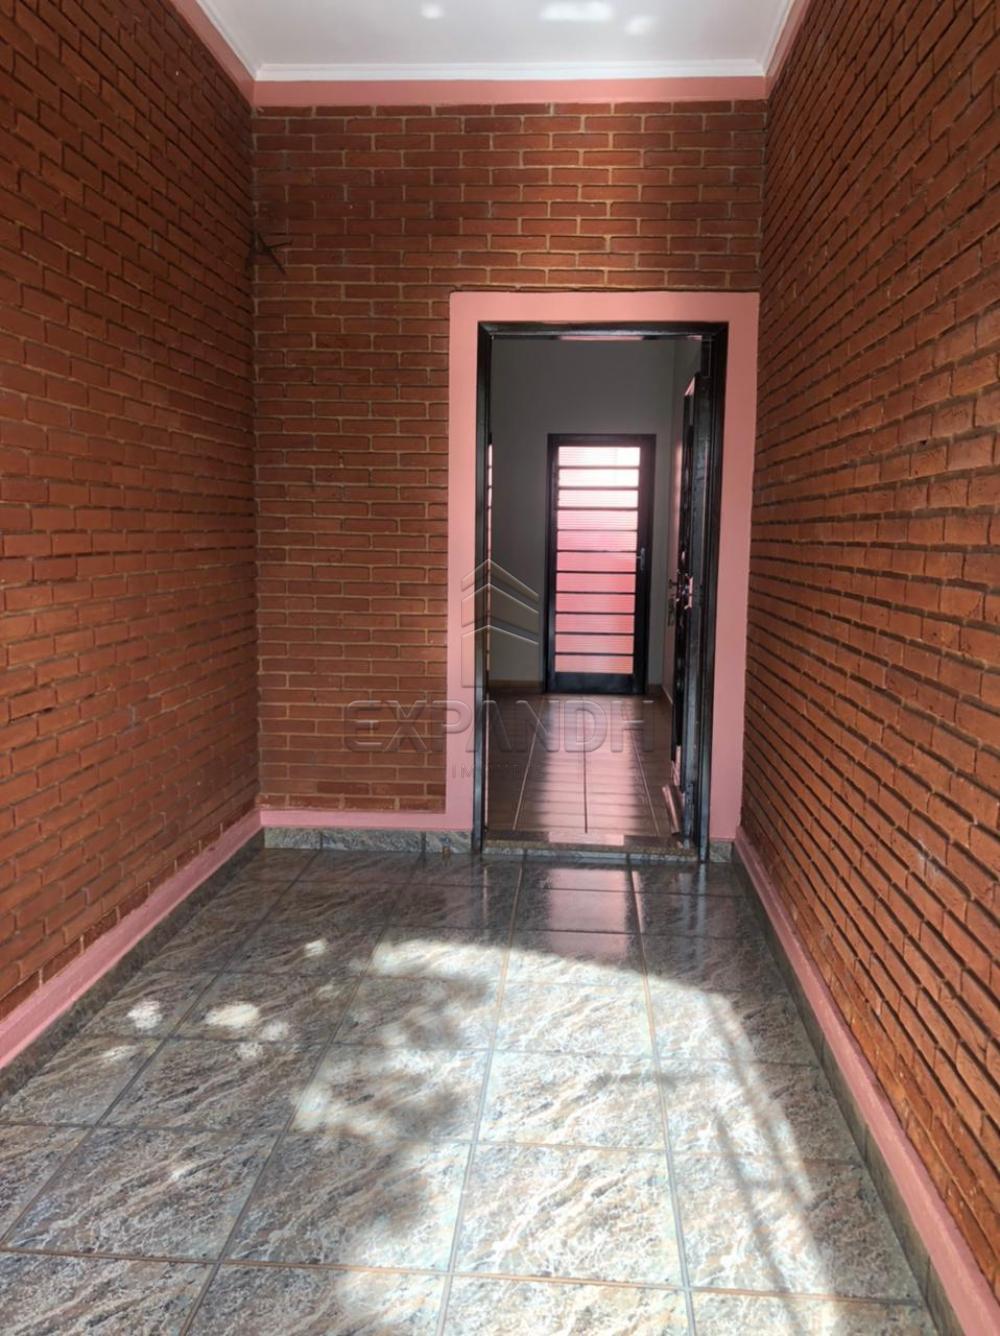 Alugar Casas / Padrão em Sertãozinho R$ 1.600,00 - Foto 2